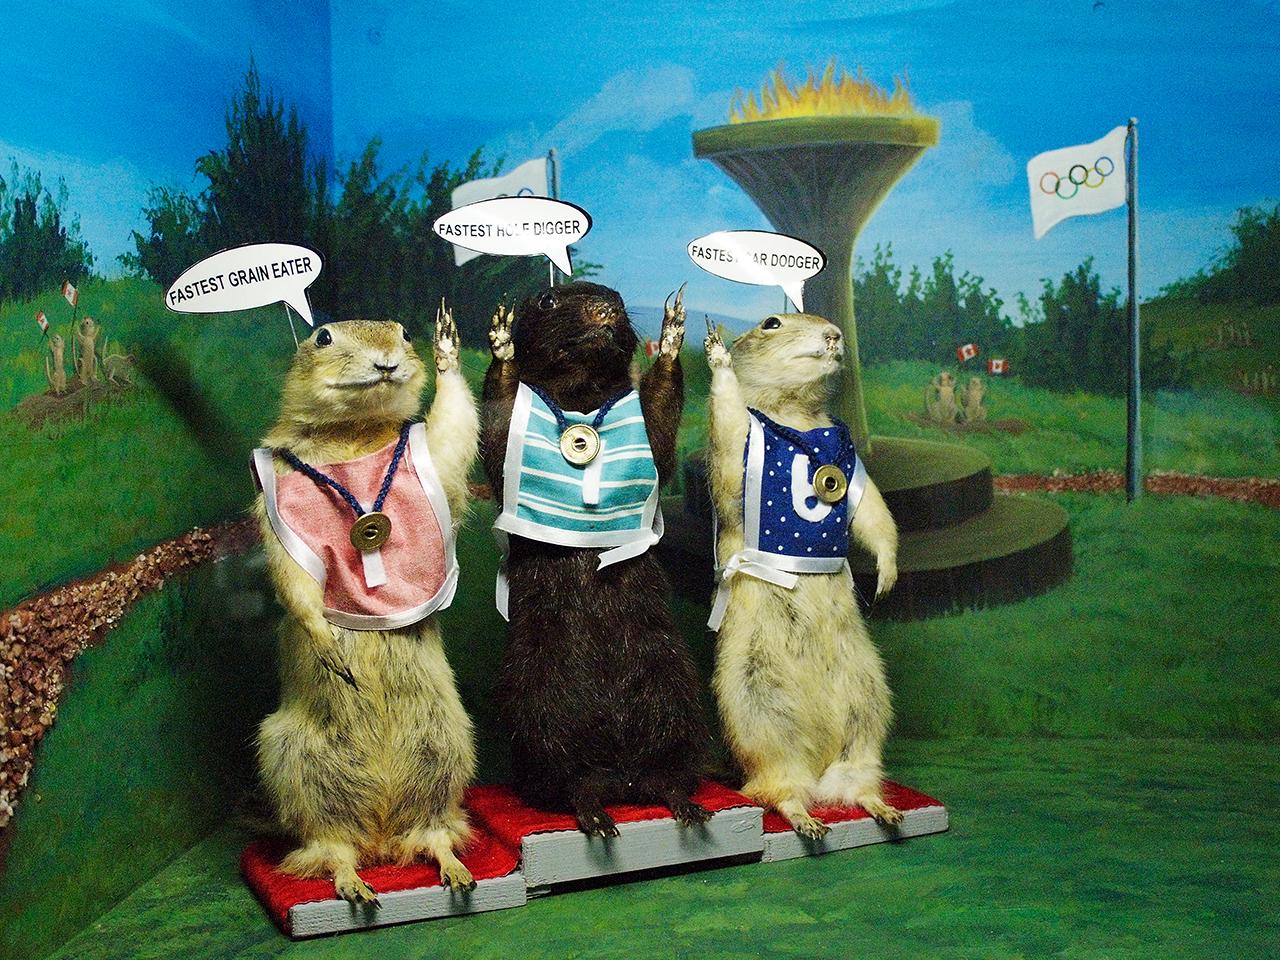 3 gophers on Olympic podium